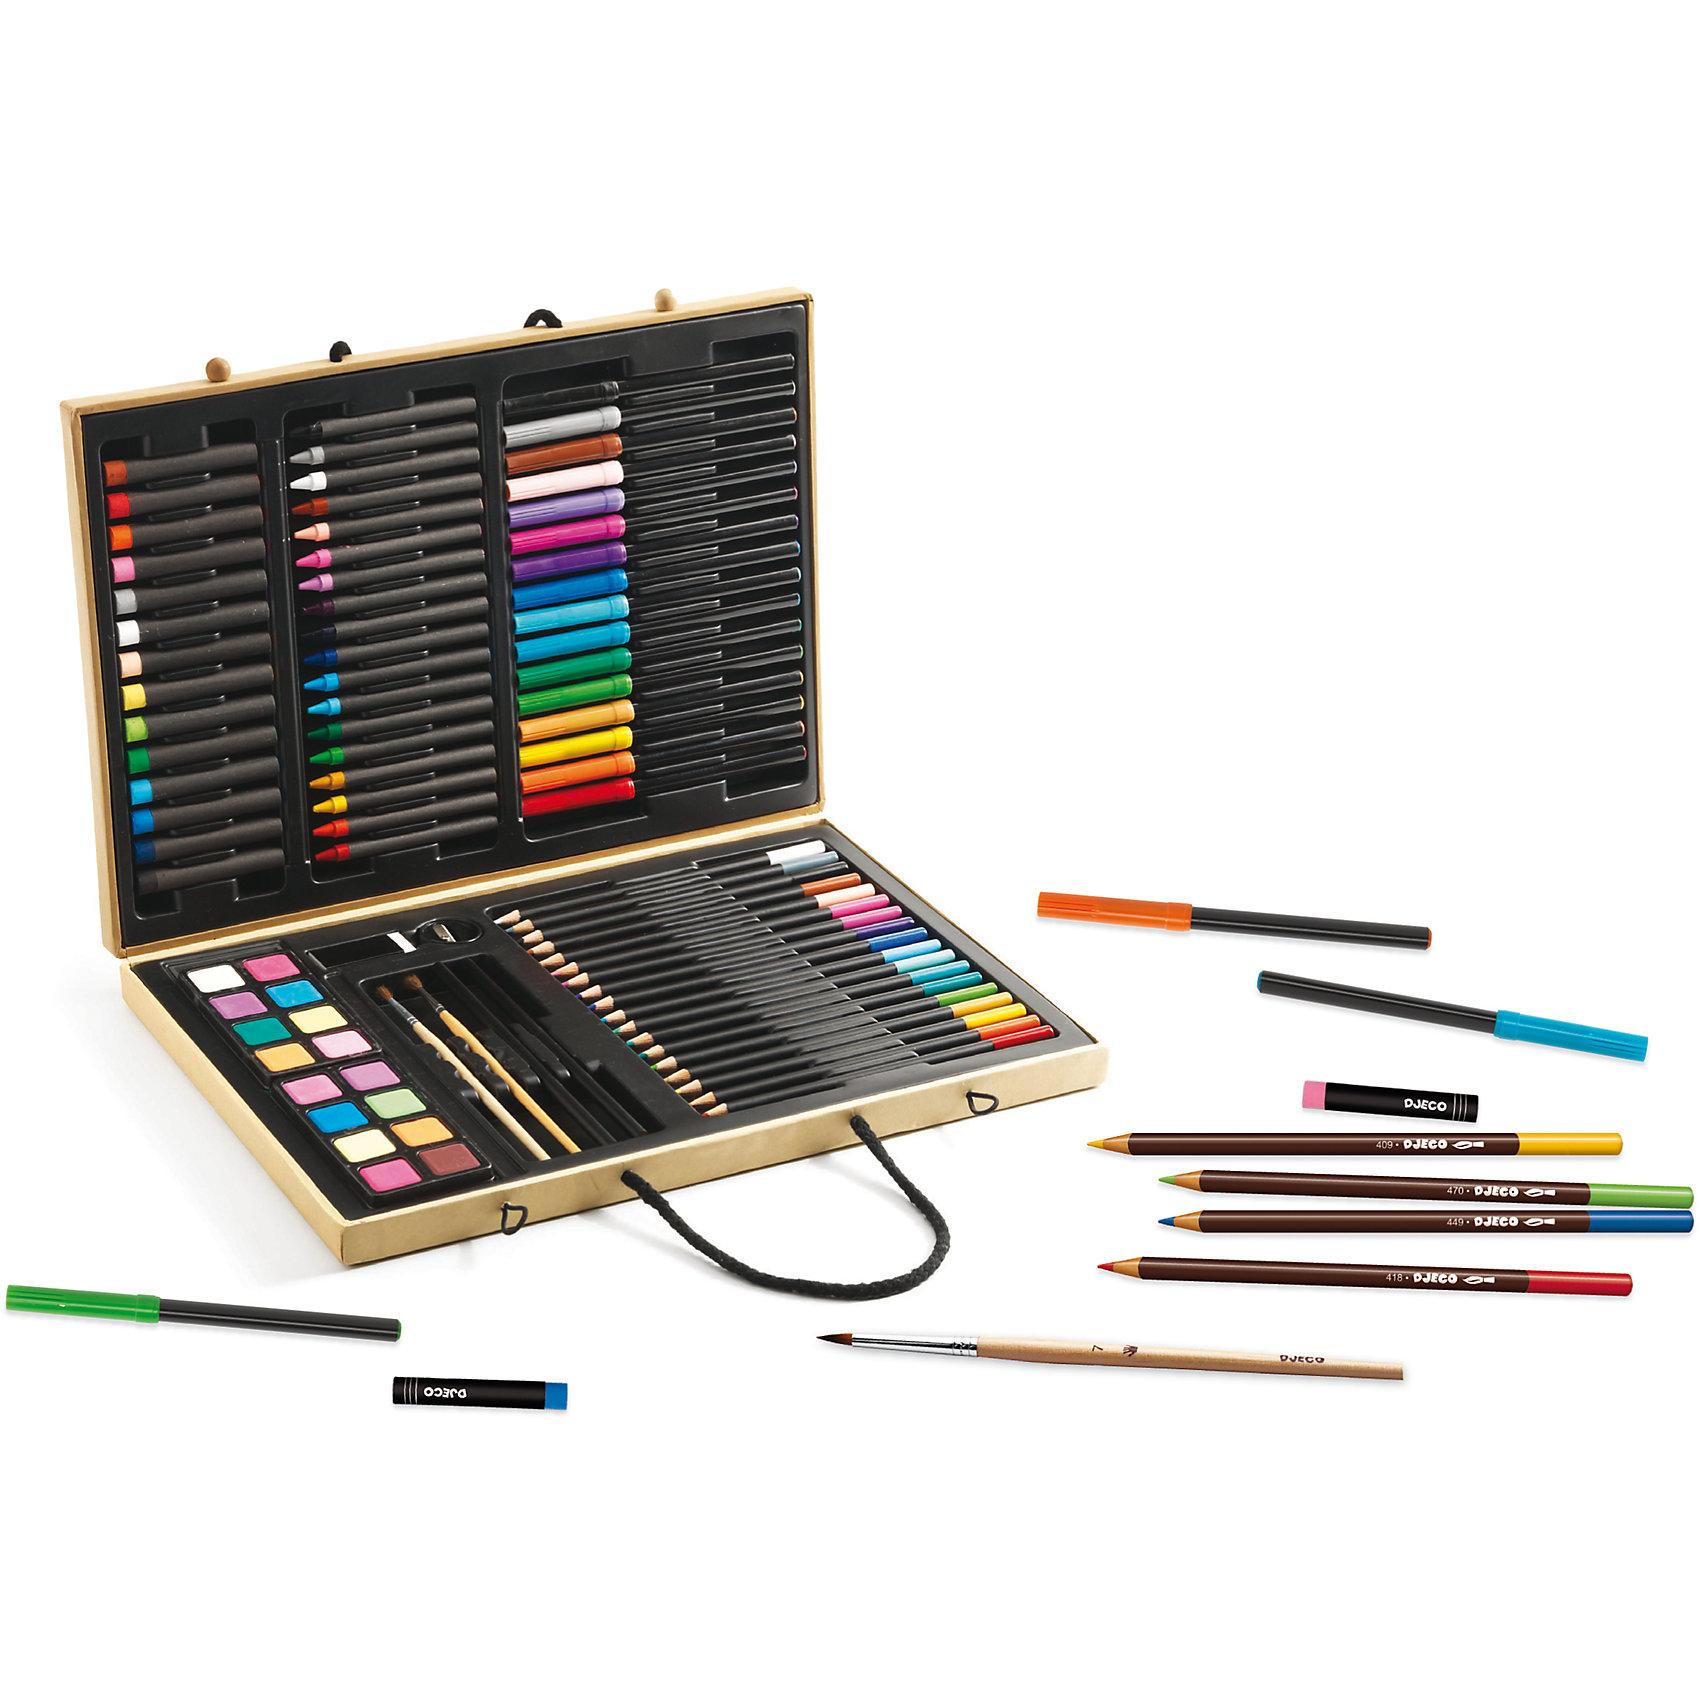 Большой художественный набор (80 предметов)Маркеры<br>Большой художественный набор от французского производителя Djeco (Джеко) - превосходный набор для рисования в чемоданчике для каждого творческого ребенка! В наборе вы найдёте всё необходимое для создания красивых рисунков и художественных картин: карандаши, фломастеры, мелки, пастель, акварель и многое другое. Красивые цвета и великолепное европейское качество приведут в восторг не только начинающих художников, но и опытных ценителей искусства. Краски не выцветают и сохраняют насыщенность цвета в течение долгого времени. <br>В наборе: <br>18 цветных карандашей, 16 фломастеров, 18 восковых мелков,<br>14 цветов масляной пастели, 8 цветов акварели, 2 кисточки, 2 простых карандаша, 1 точилка, 1 ластик. <br>Набор продается в большом подарочном деревянном чемоданчике. Все детали набора совершенно безопасны для детей и изготовлены из высококачественного дерева.<br><br>Большой художественный набор (80 предметов) можно купить в нашем магазине.<br><br>Ширина мм: 40<br>Глубина мм: 360<br>Высота мм: 270<br>Вес г: 1220<br>Возраст от месяцев: 36<br>Возраст до месяцев: 144<br>Пол: Унисекс<br>Возраст: Детский<br>SKU: 4783888